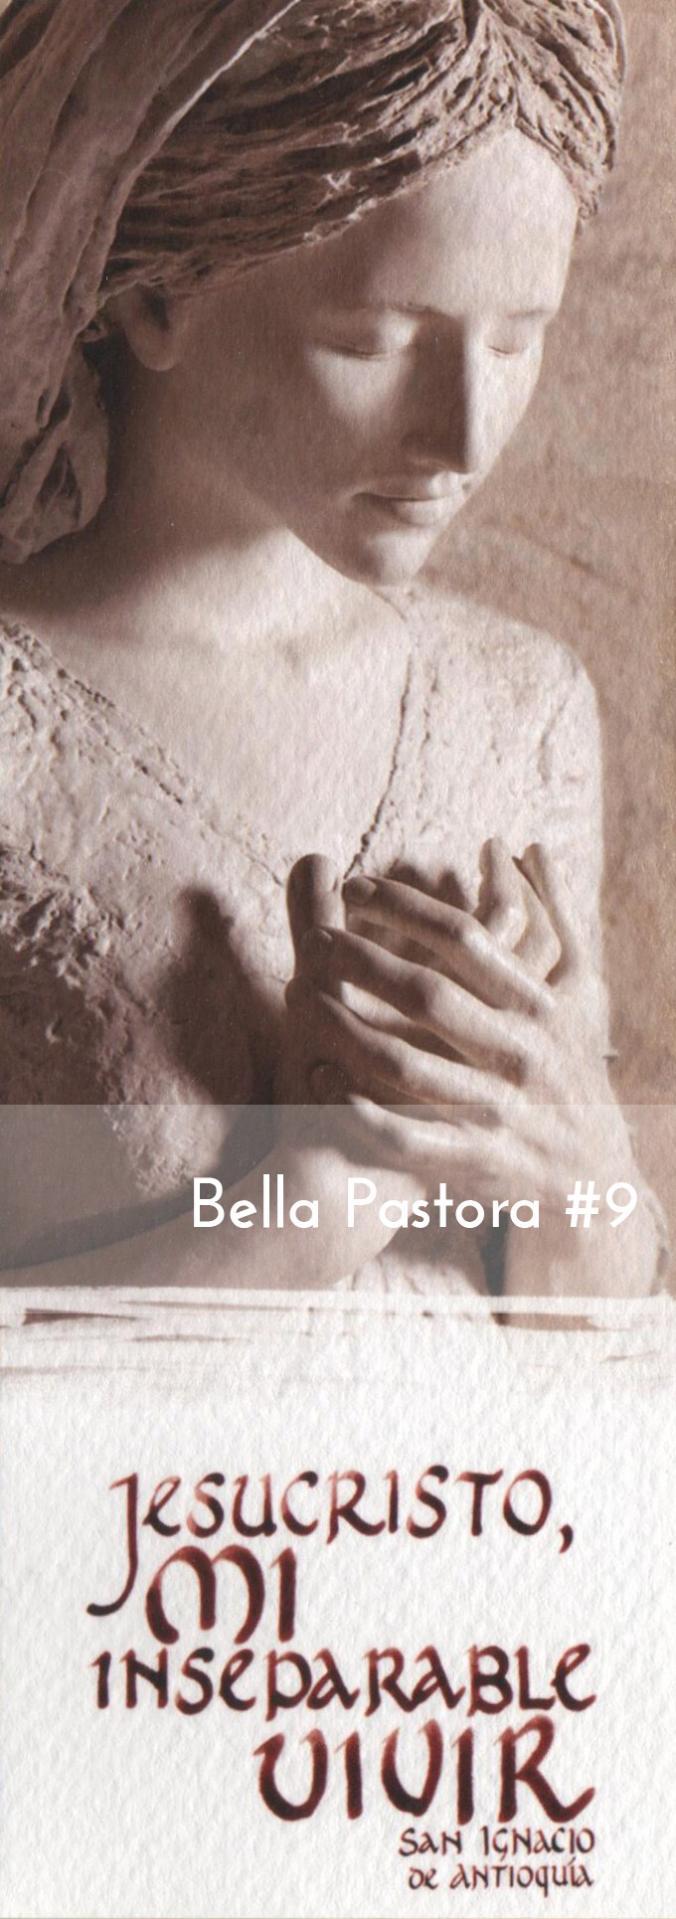 Bella Pastora #9 Marcapáginas